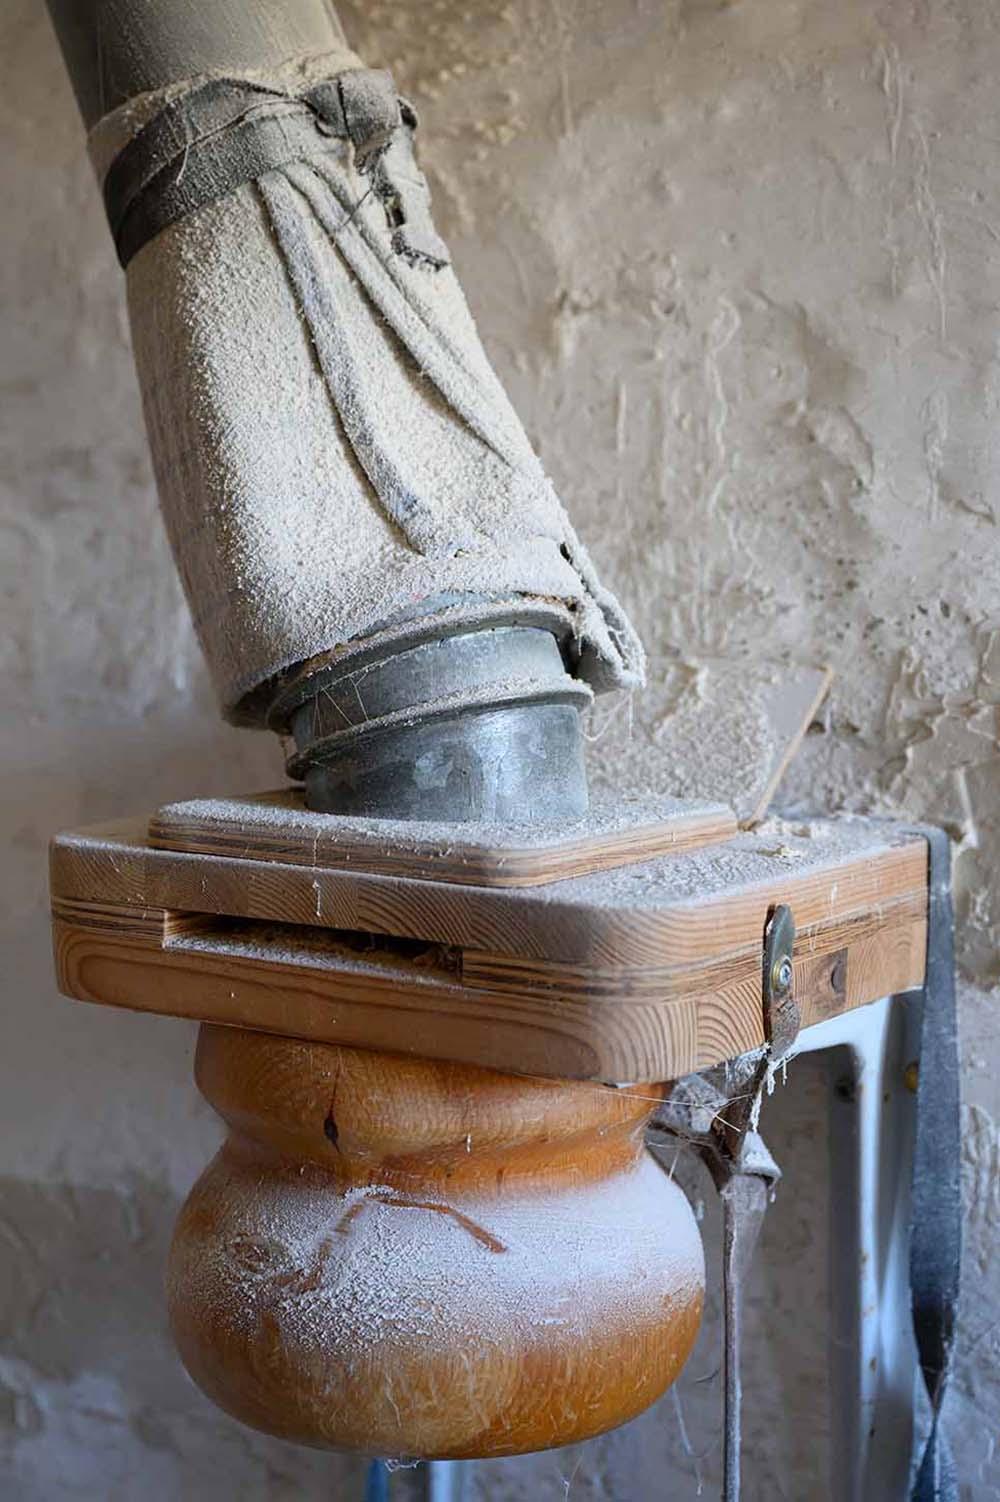 In der Mühle wird das Mehl für die Backstube gemahlen